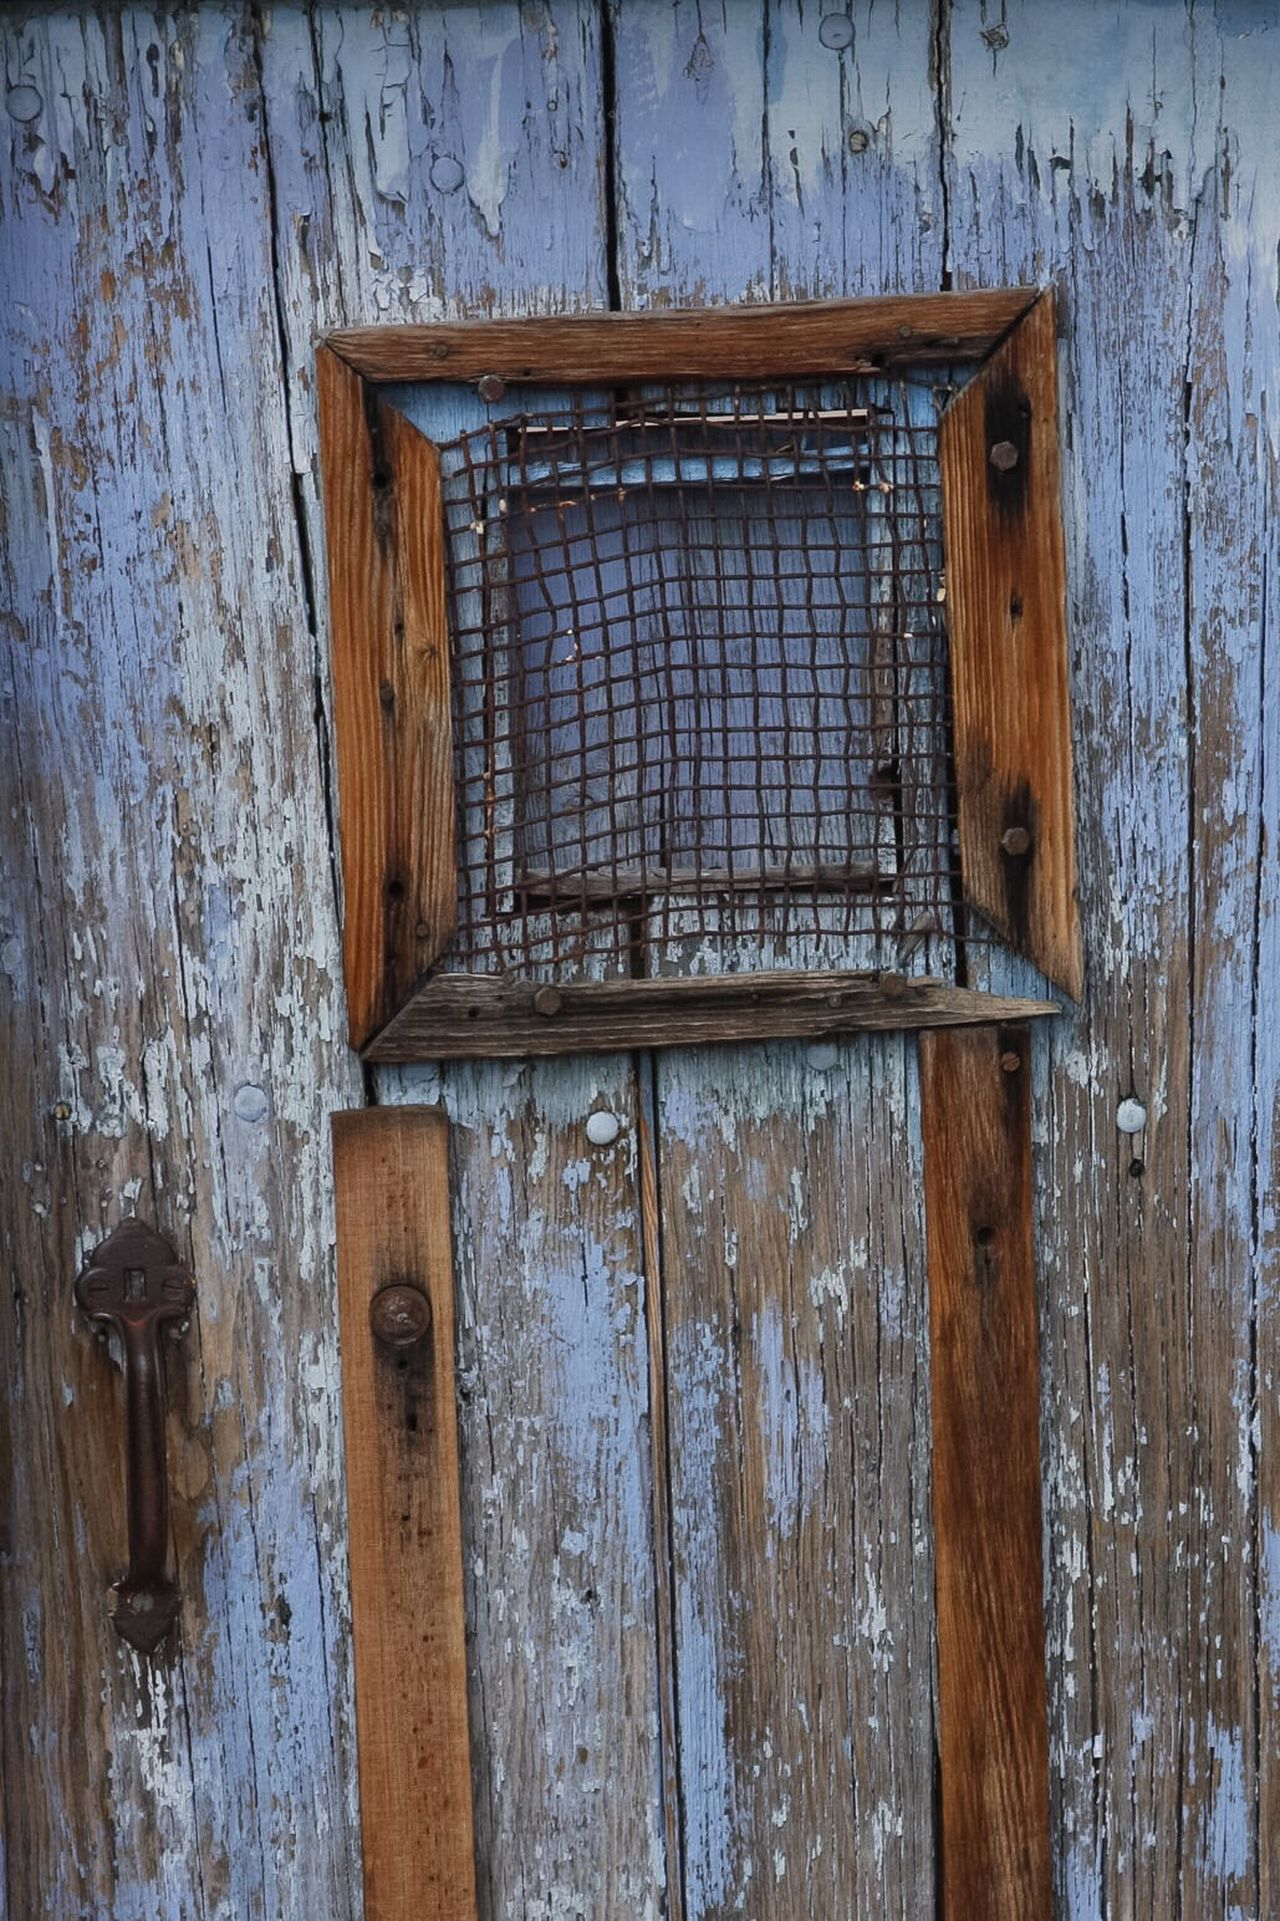 Blue old door, peeling paint, rusty handle, weathered door, antique door